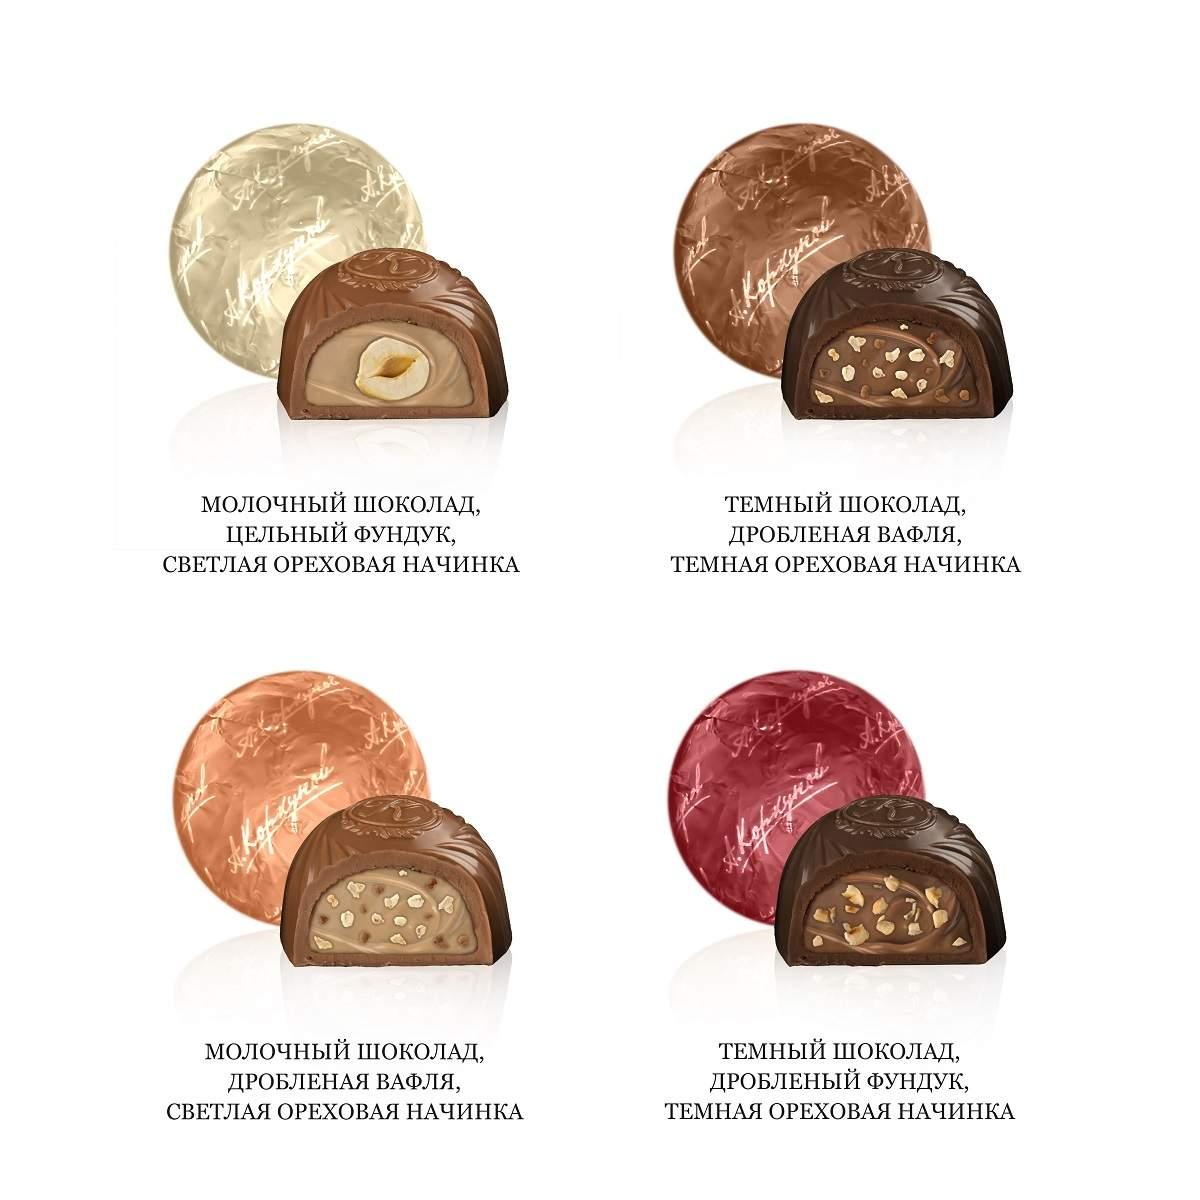 Миниатюра Набор конфет Коркунов ассорти темный и молочный шоколад 110 г №3